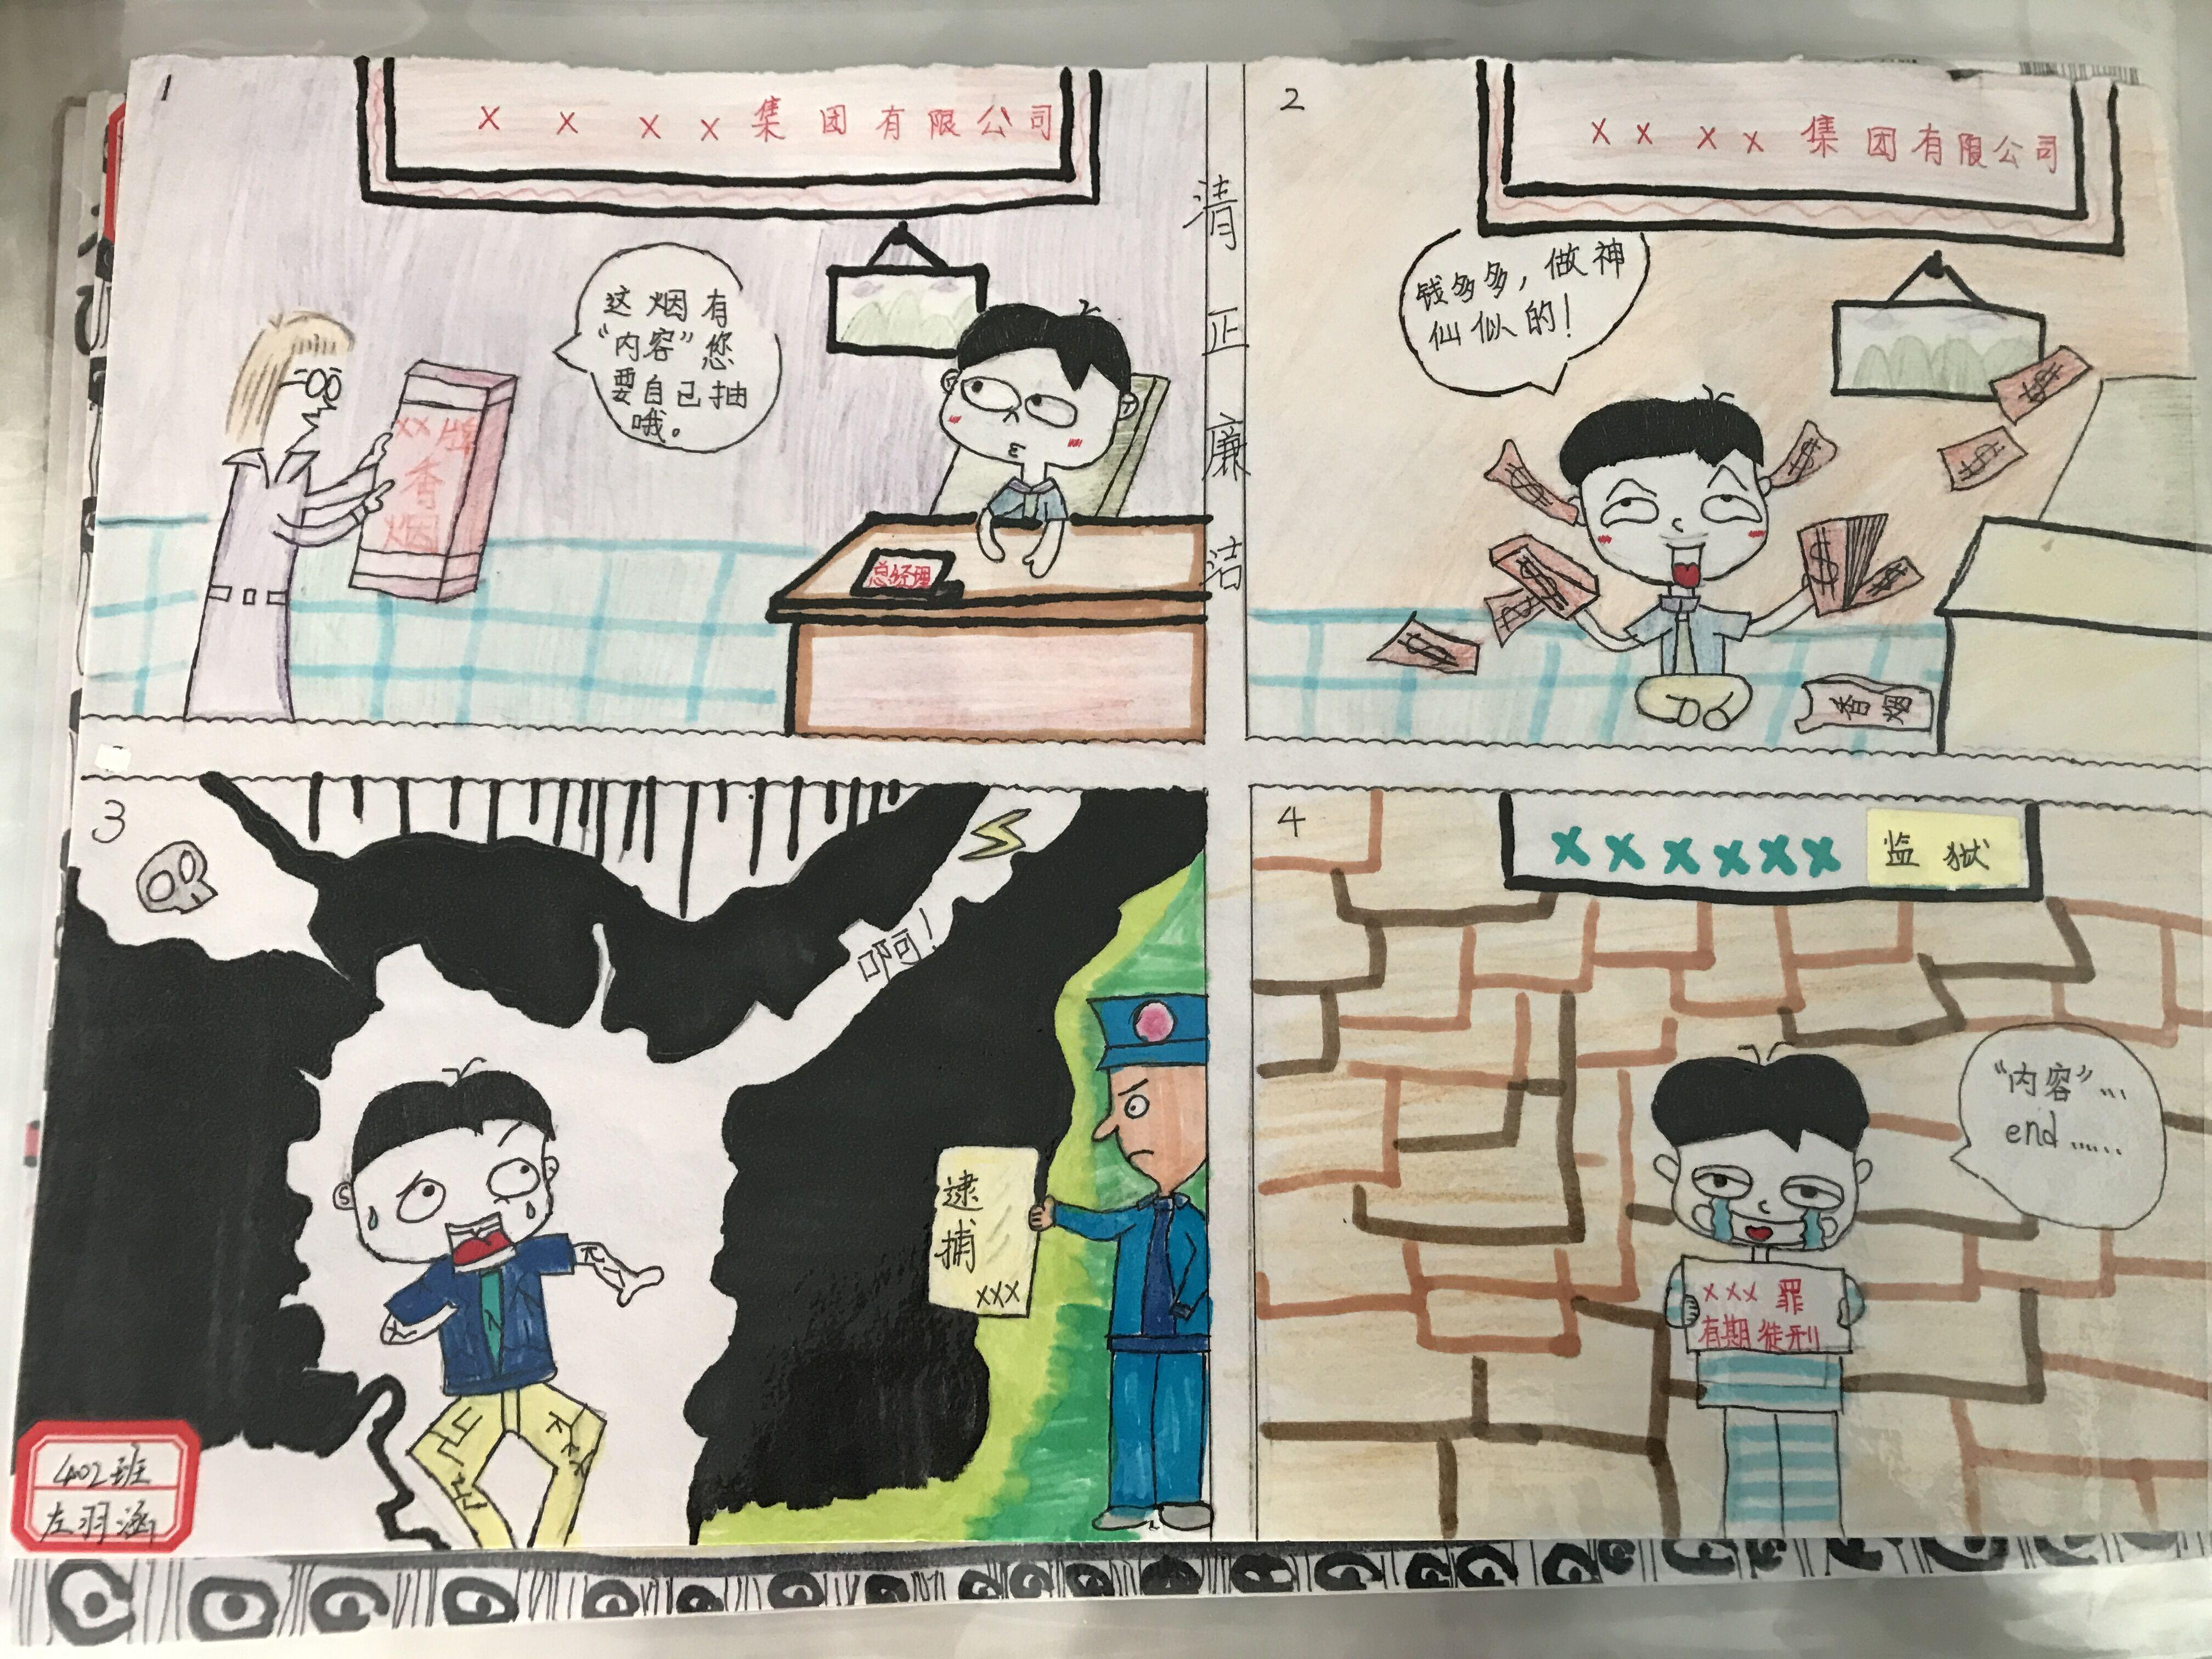 芳草学校开展廉洁文化进校园主题绘画活动